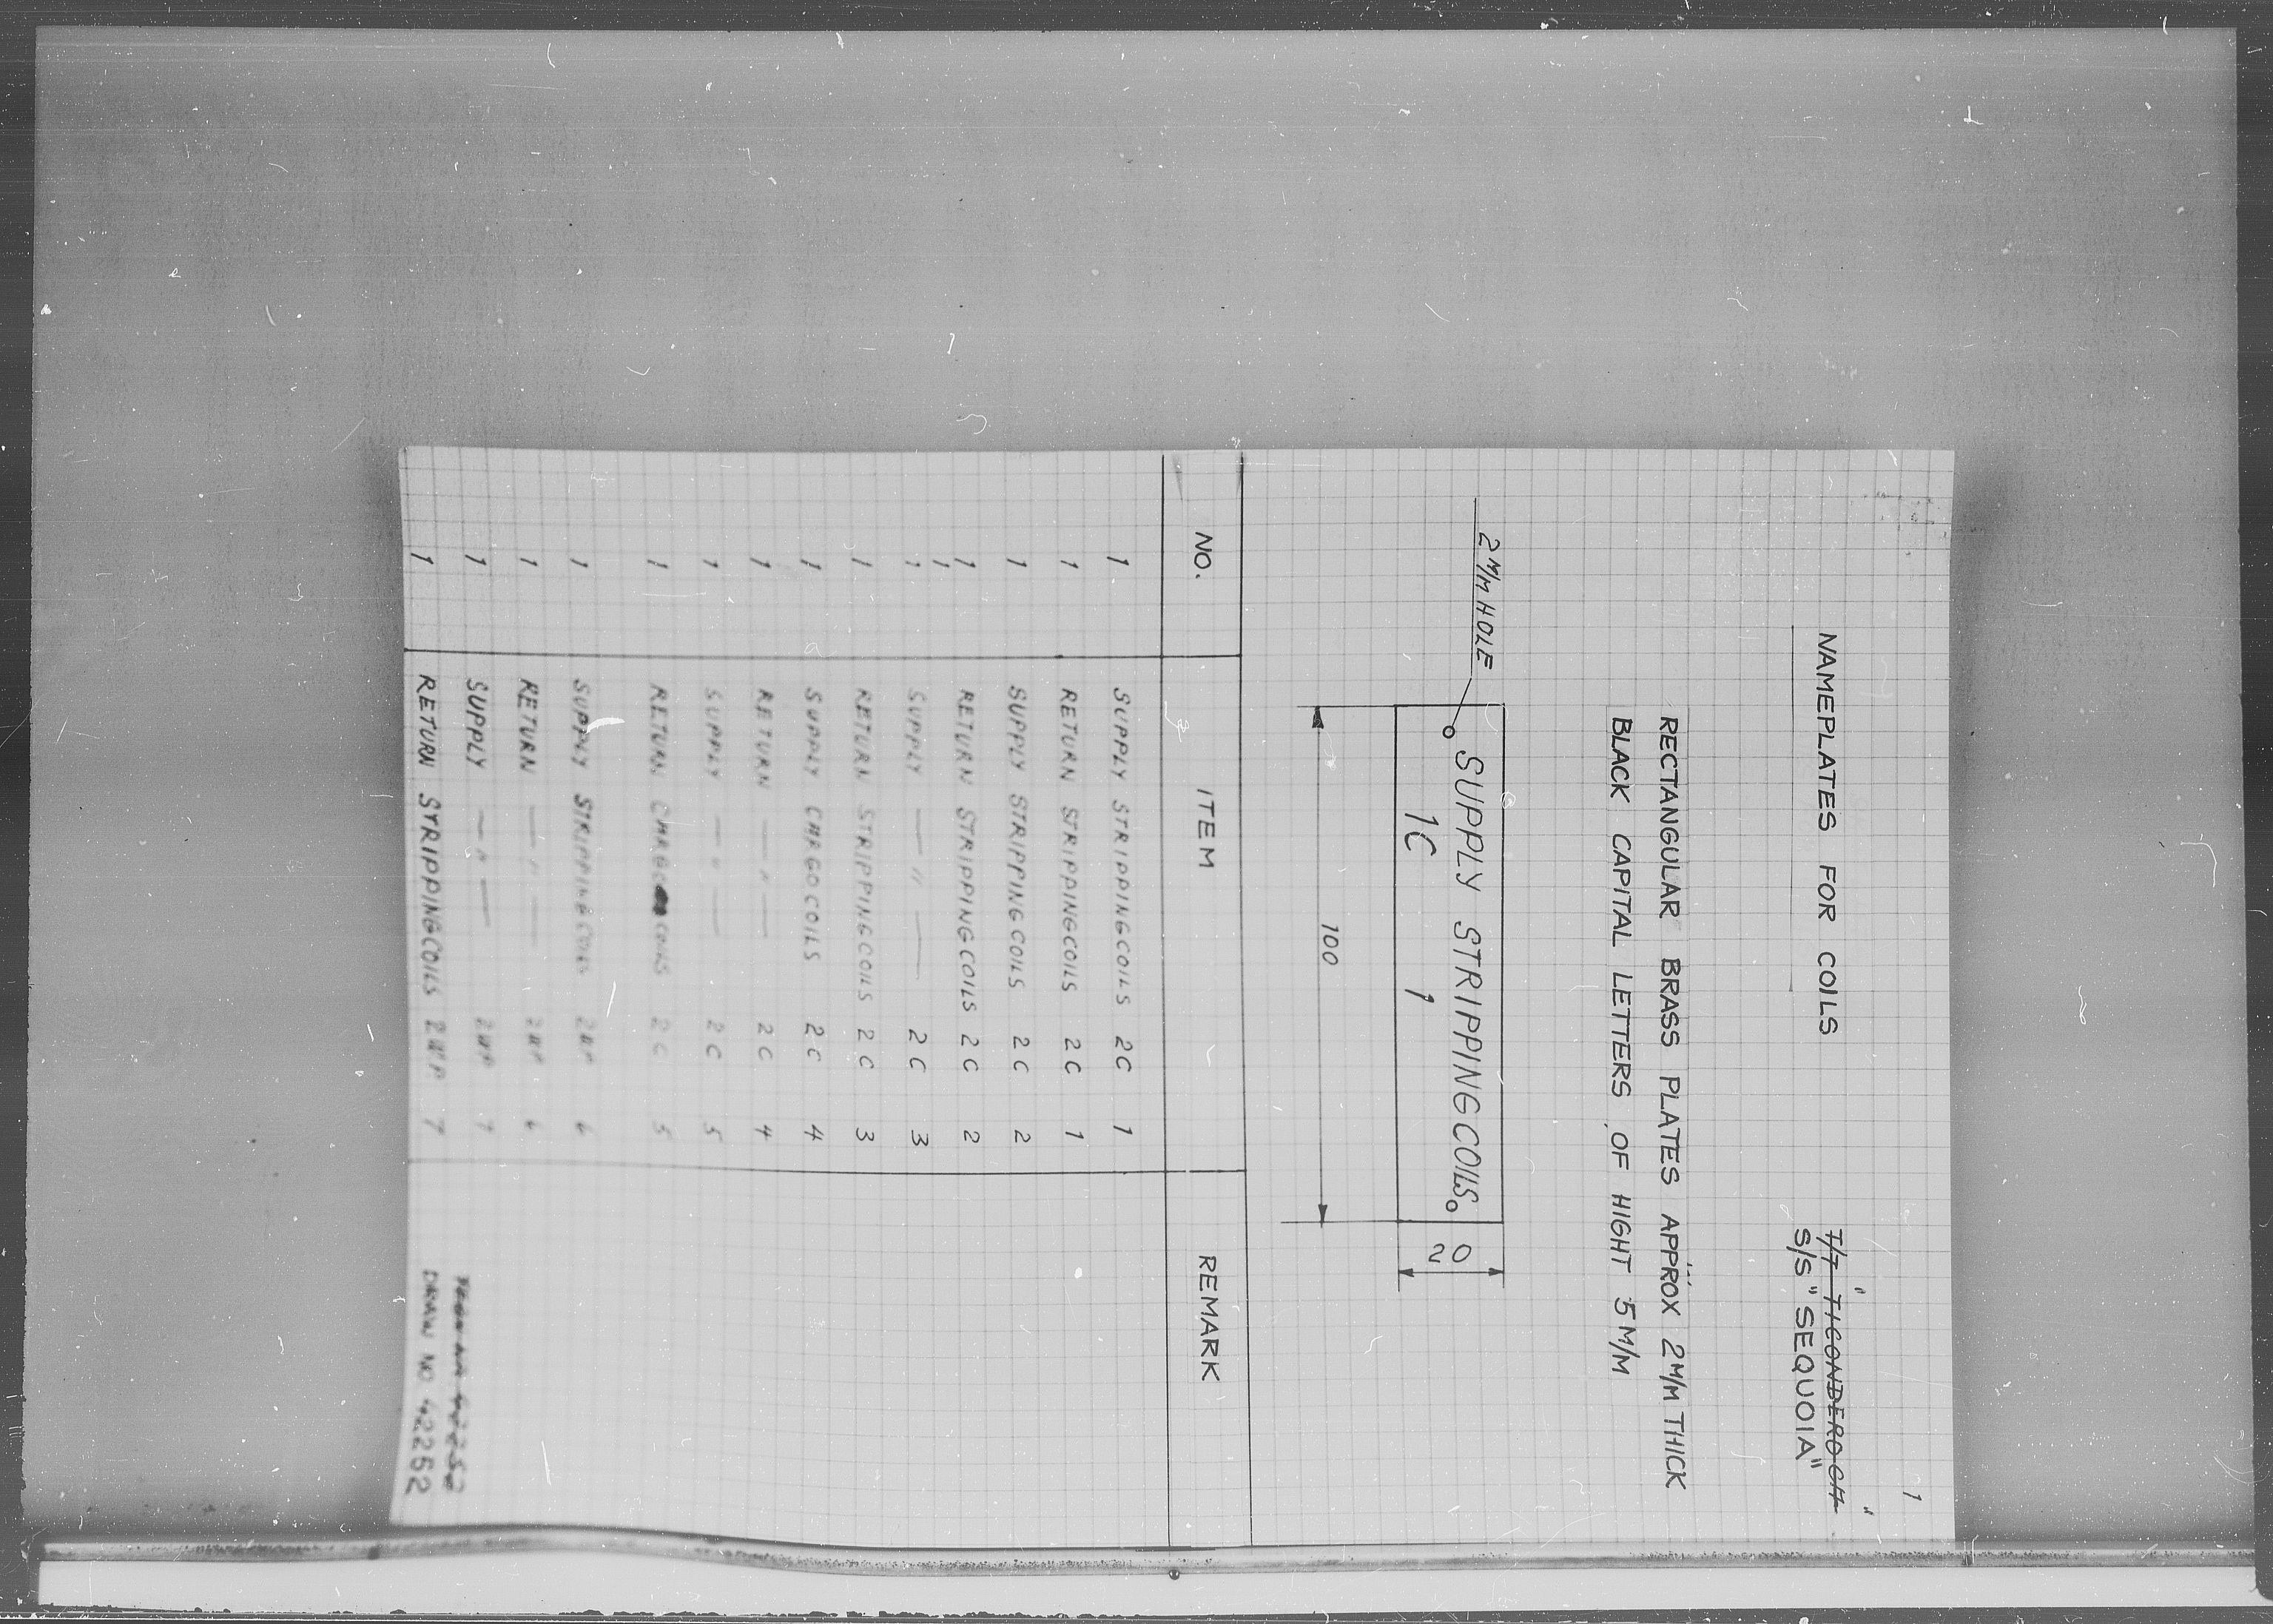 SAK, Kristiansand Mekaniske Verksted, G/Ga/L0008: 36 mm mikrofilmruller, reprofoto av skipstegninger, byggenr. 222-229, s. 2